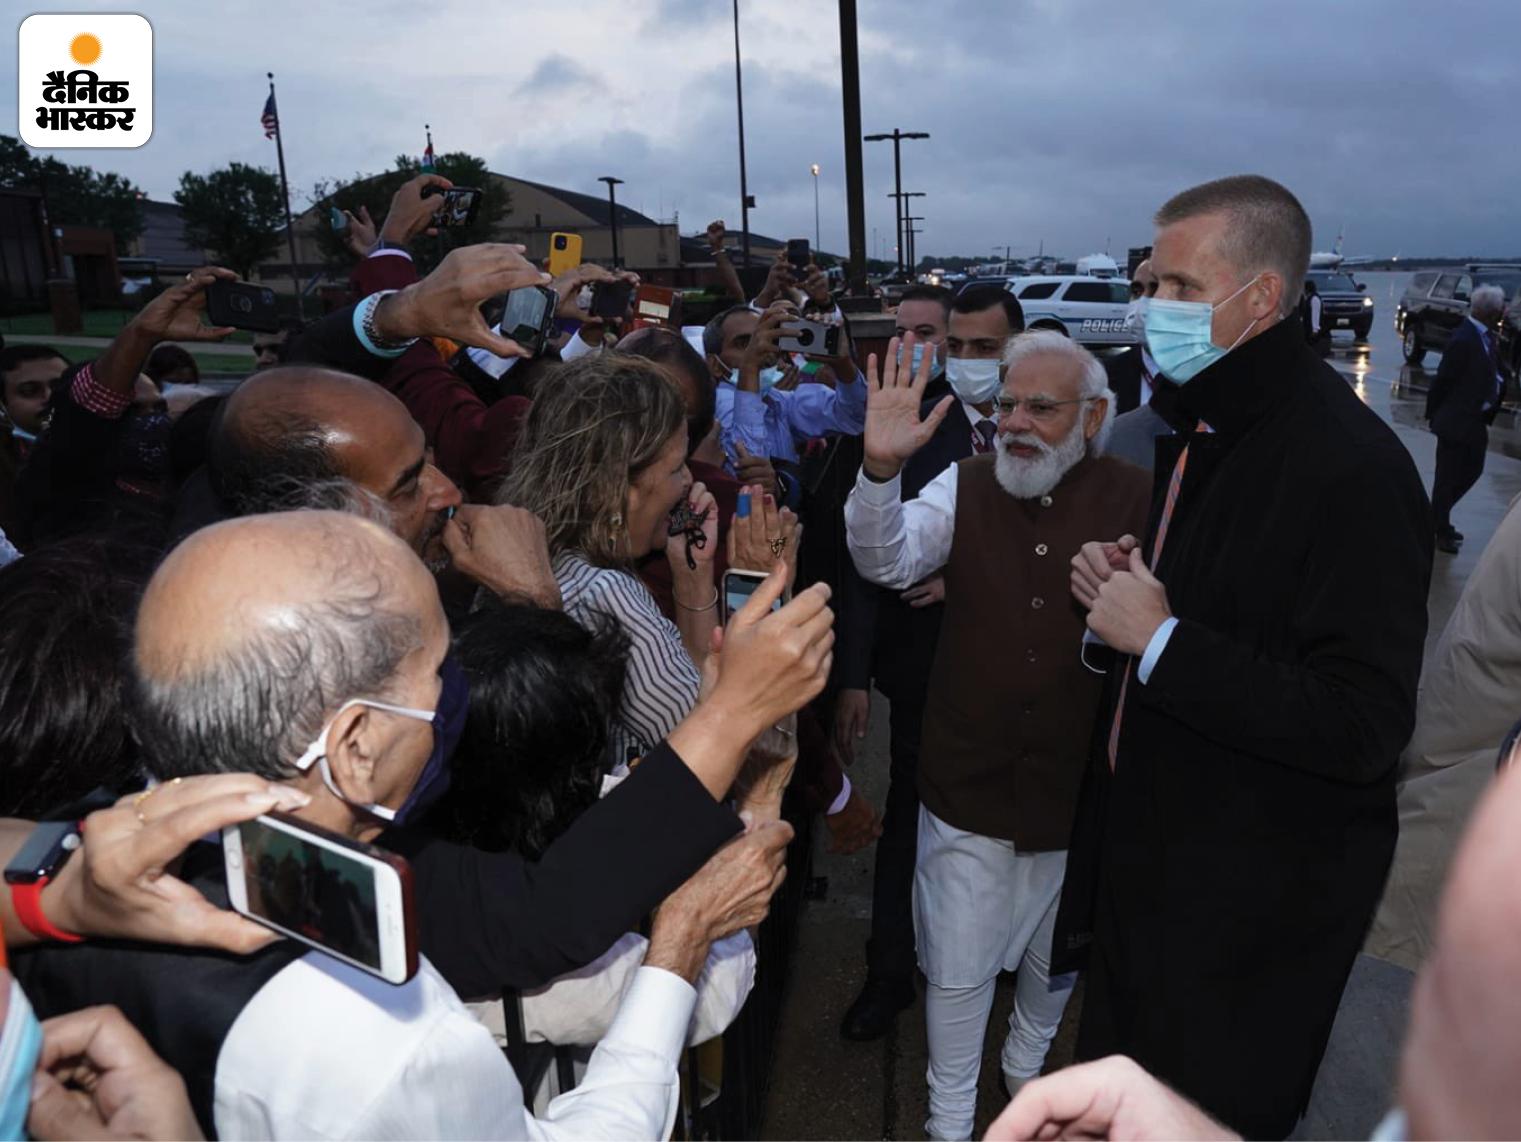 वॉशिंगटन एयरपोर्ट के बाहर मोदी के स्वागत के लिए भारतीय समुदाय के लोग भी काफी संख्या में मौजूद थे।